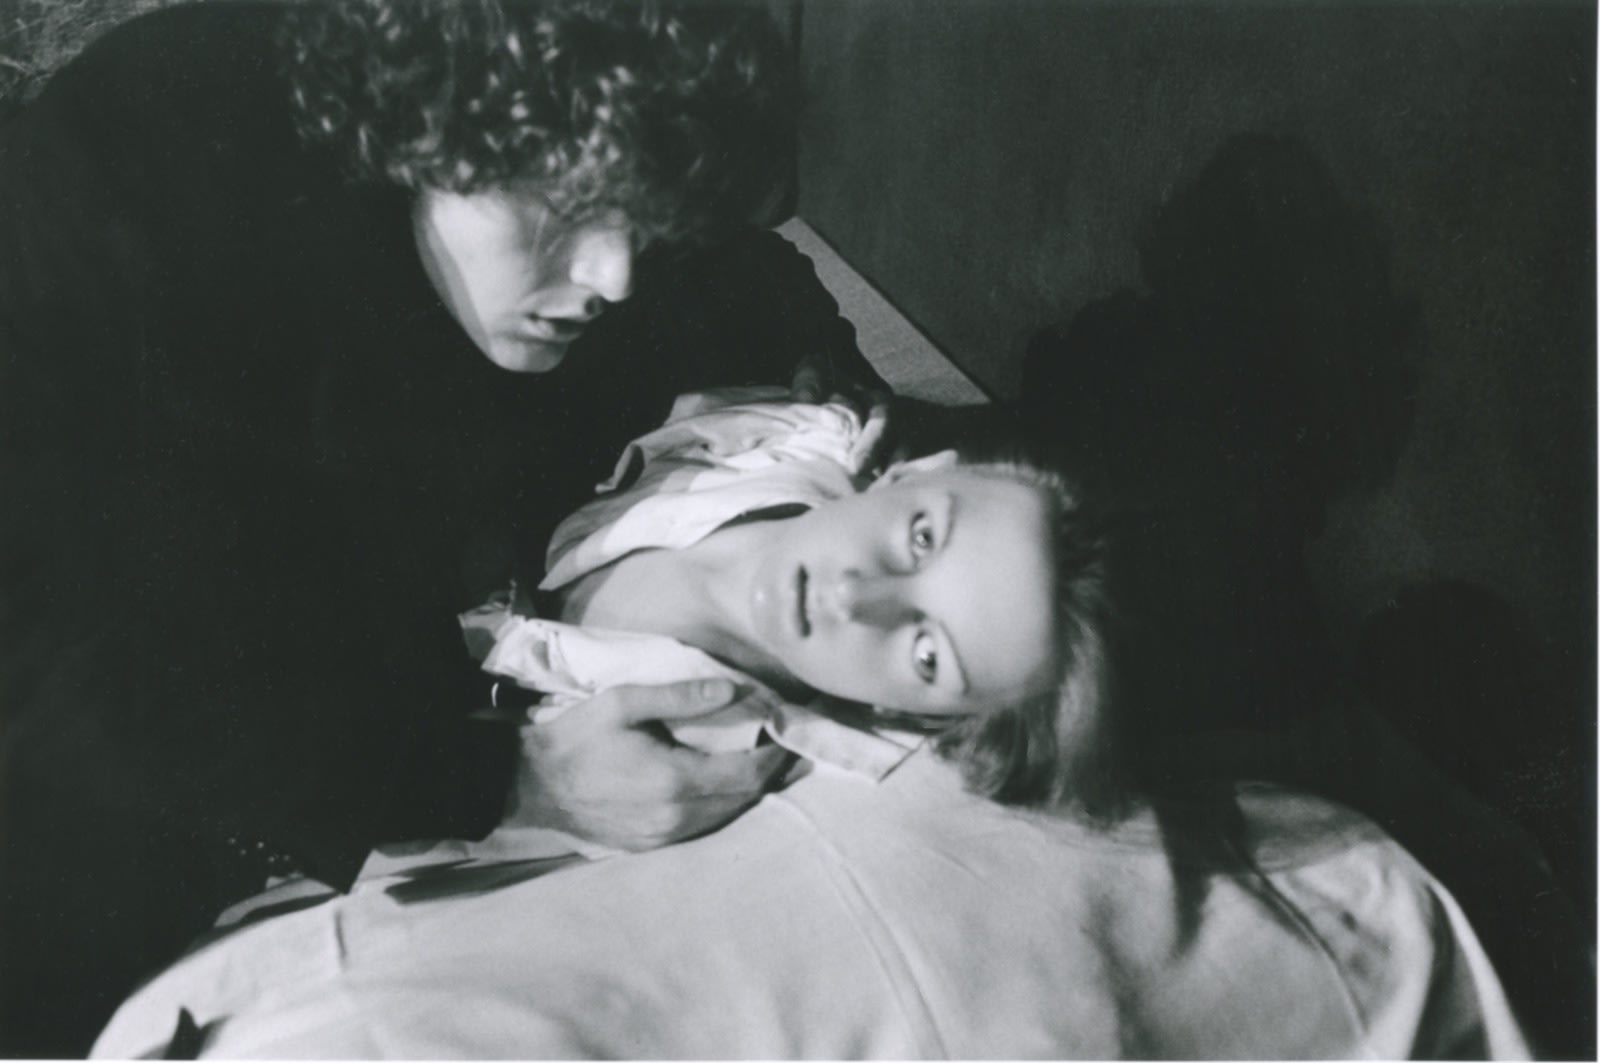 Hervé Guibert Musée Grévin, Paris, Autoportrait Tirage gélatino-argentique d'époque 17 x 25,5 cm Dim. papier: 20 x 29,7 cm